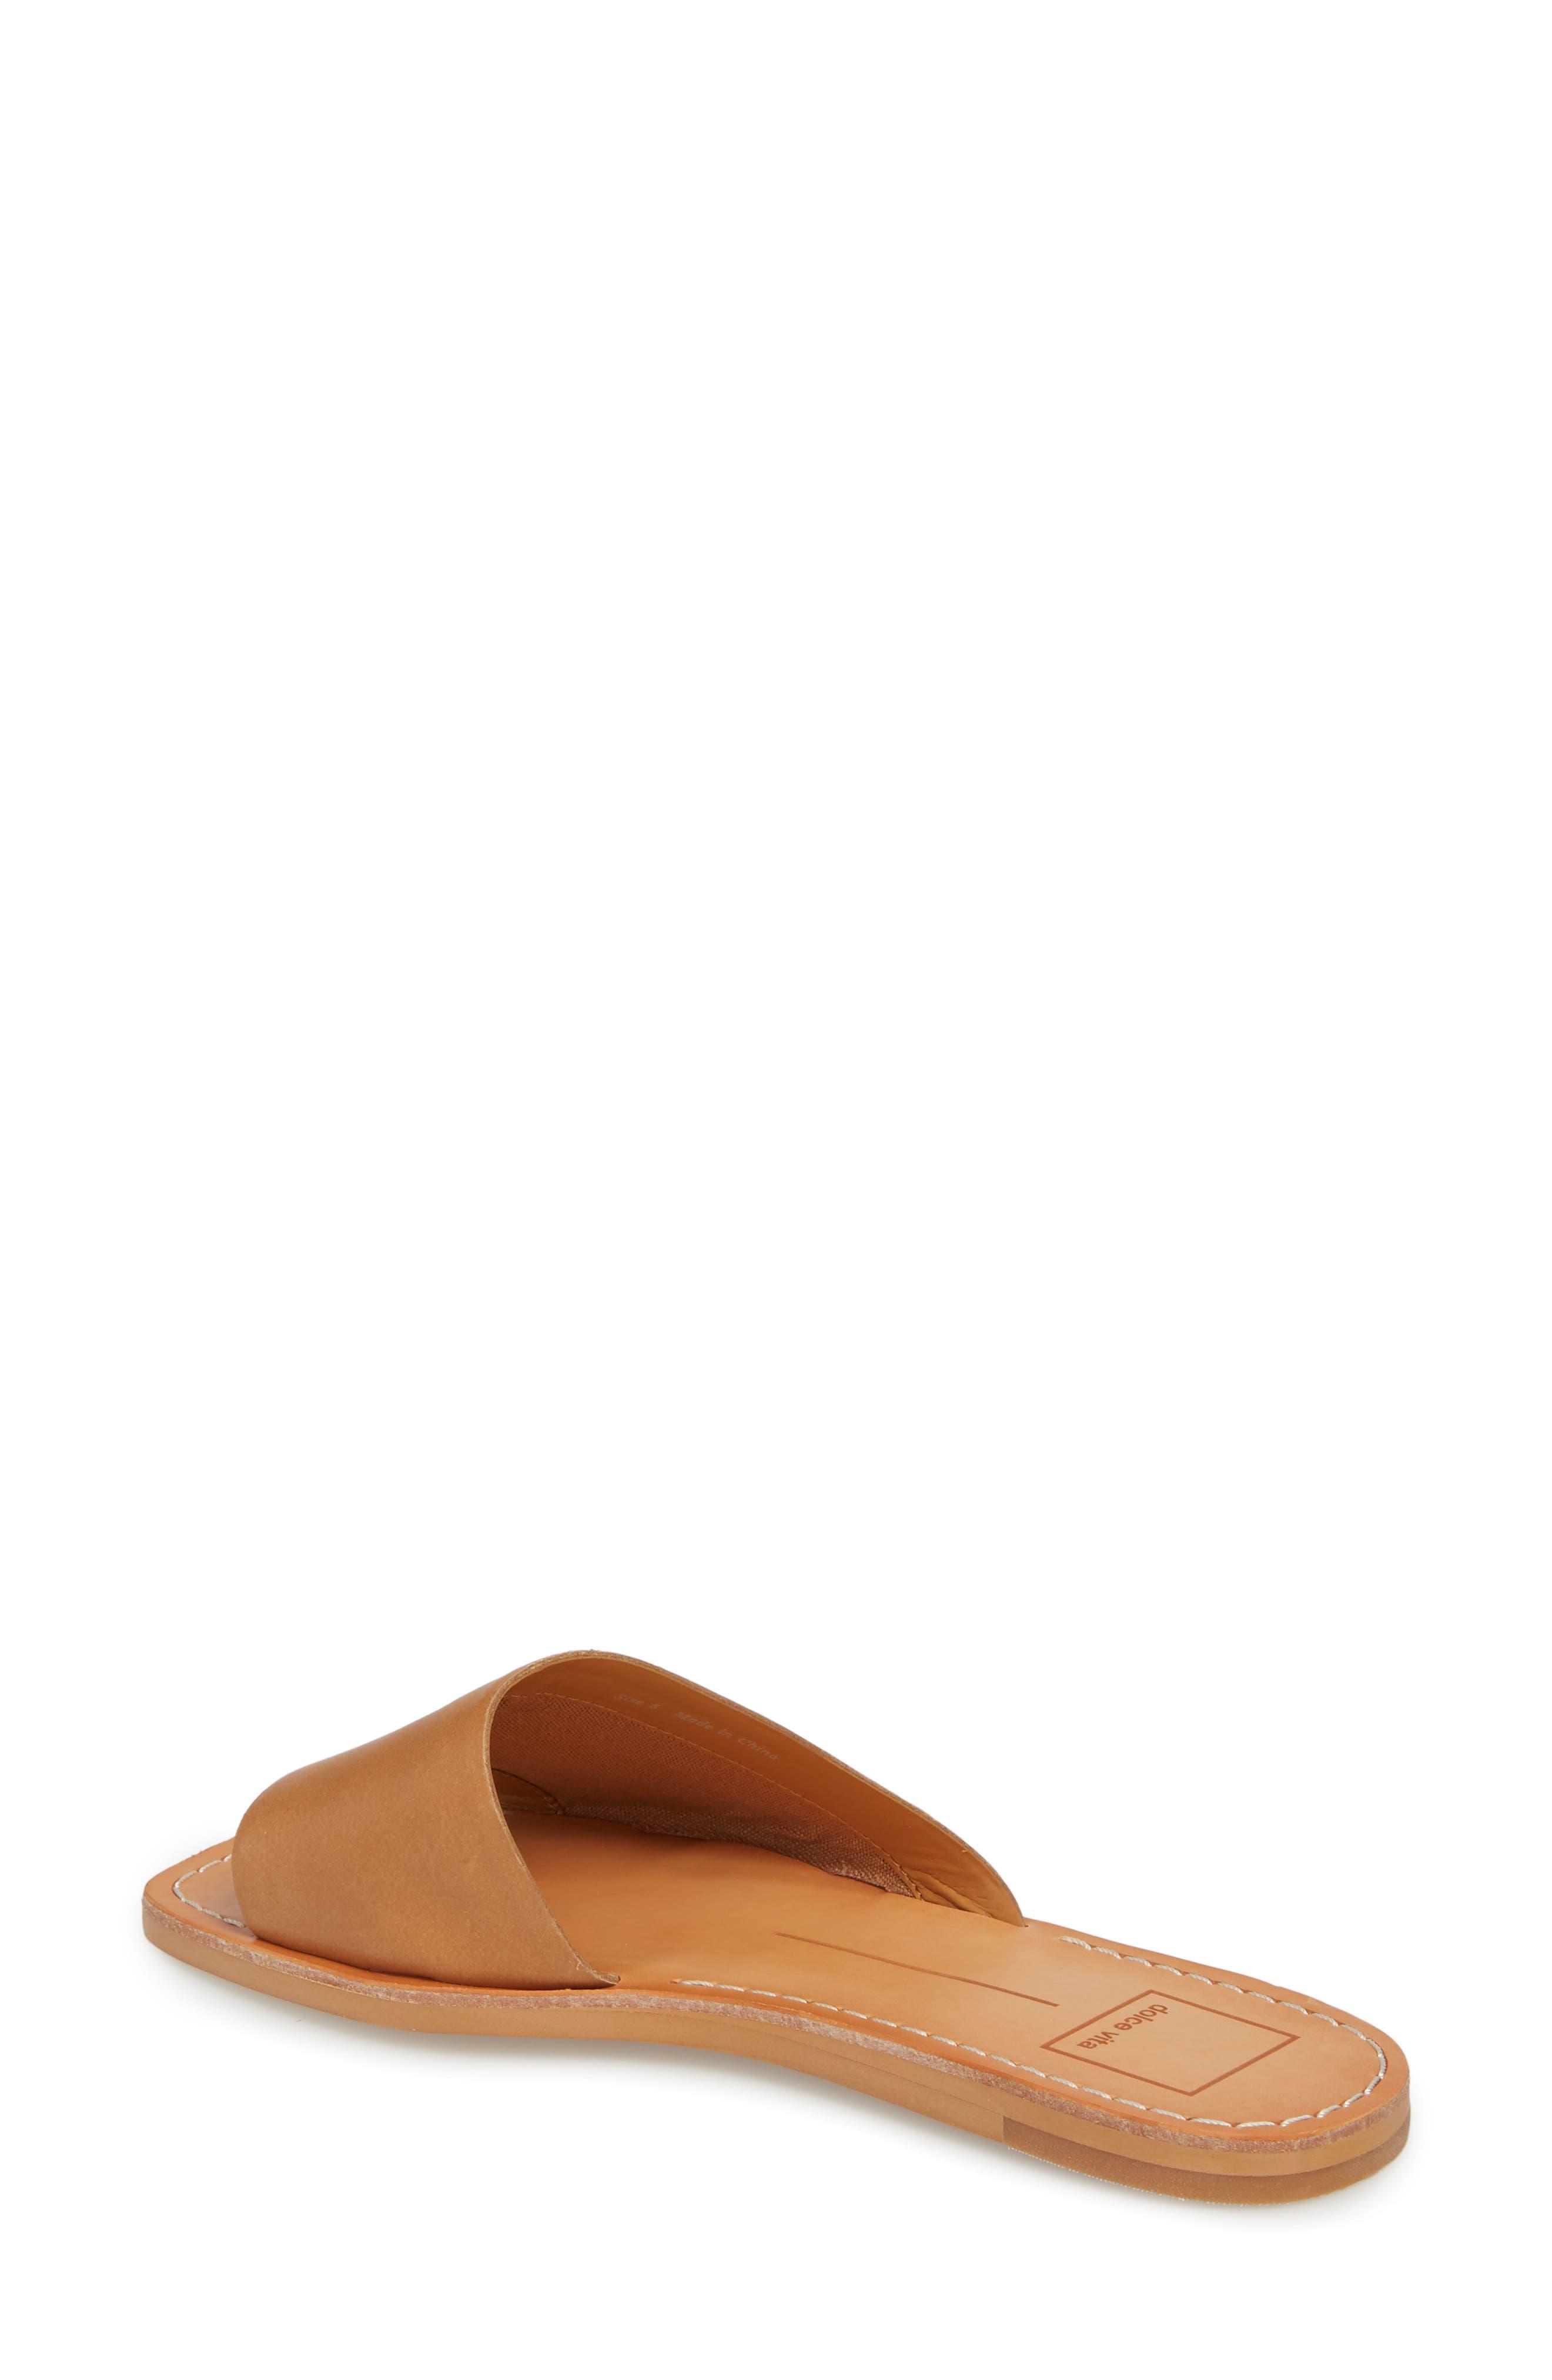 Cato Asymmetrical Slide Sandal,                             Alternate thumbnail 9, color,